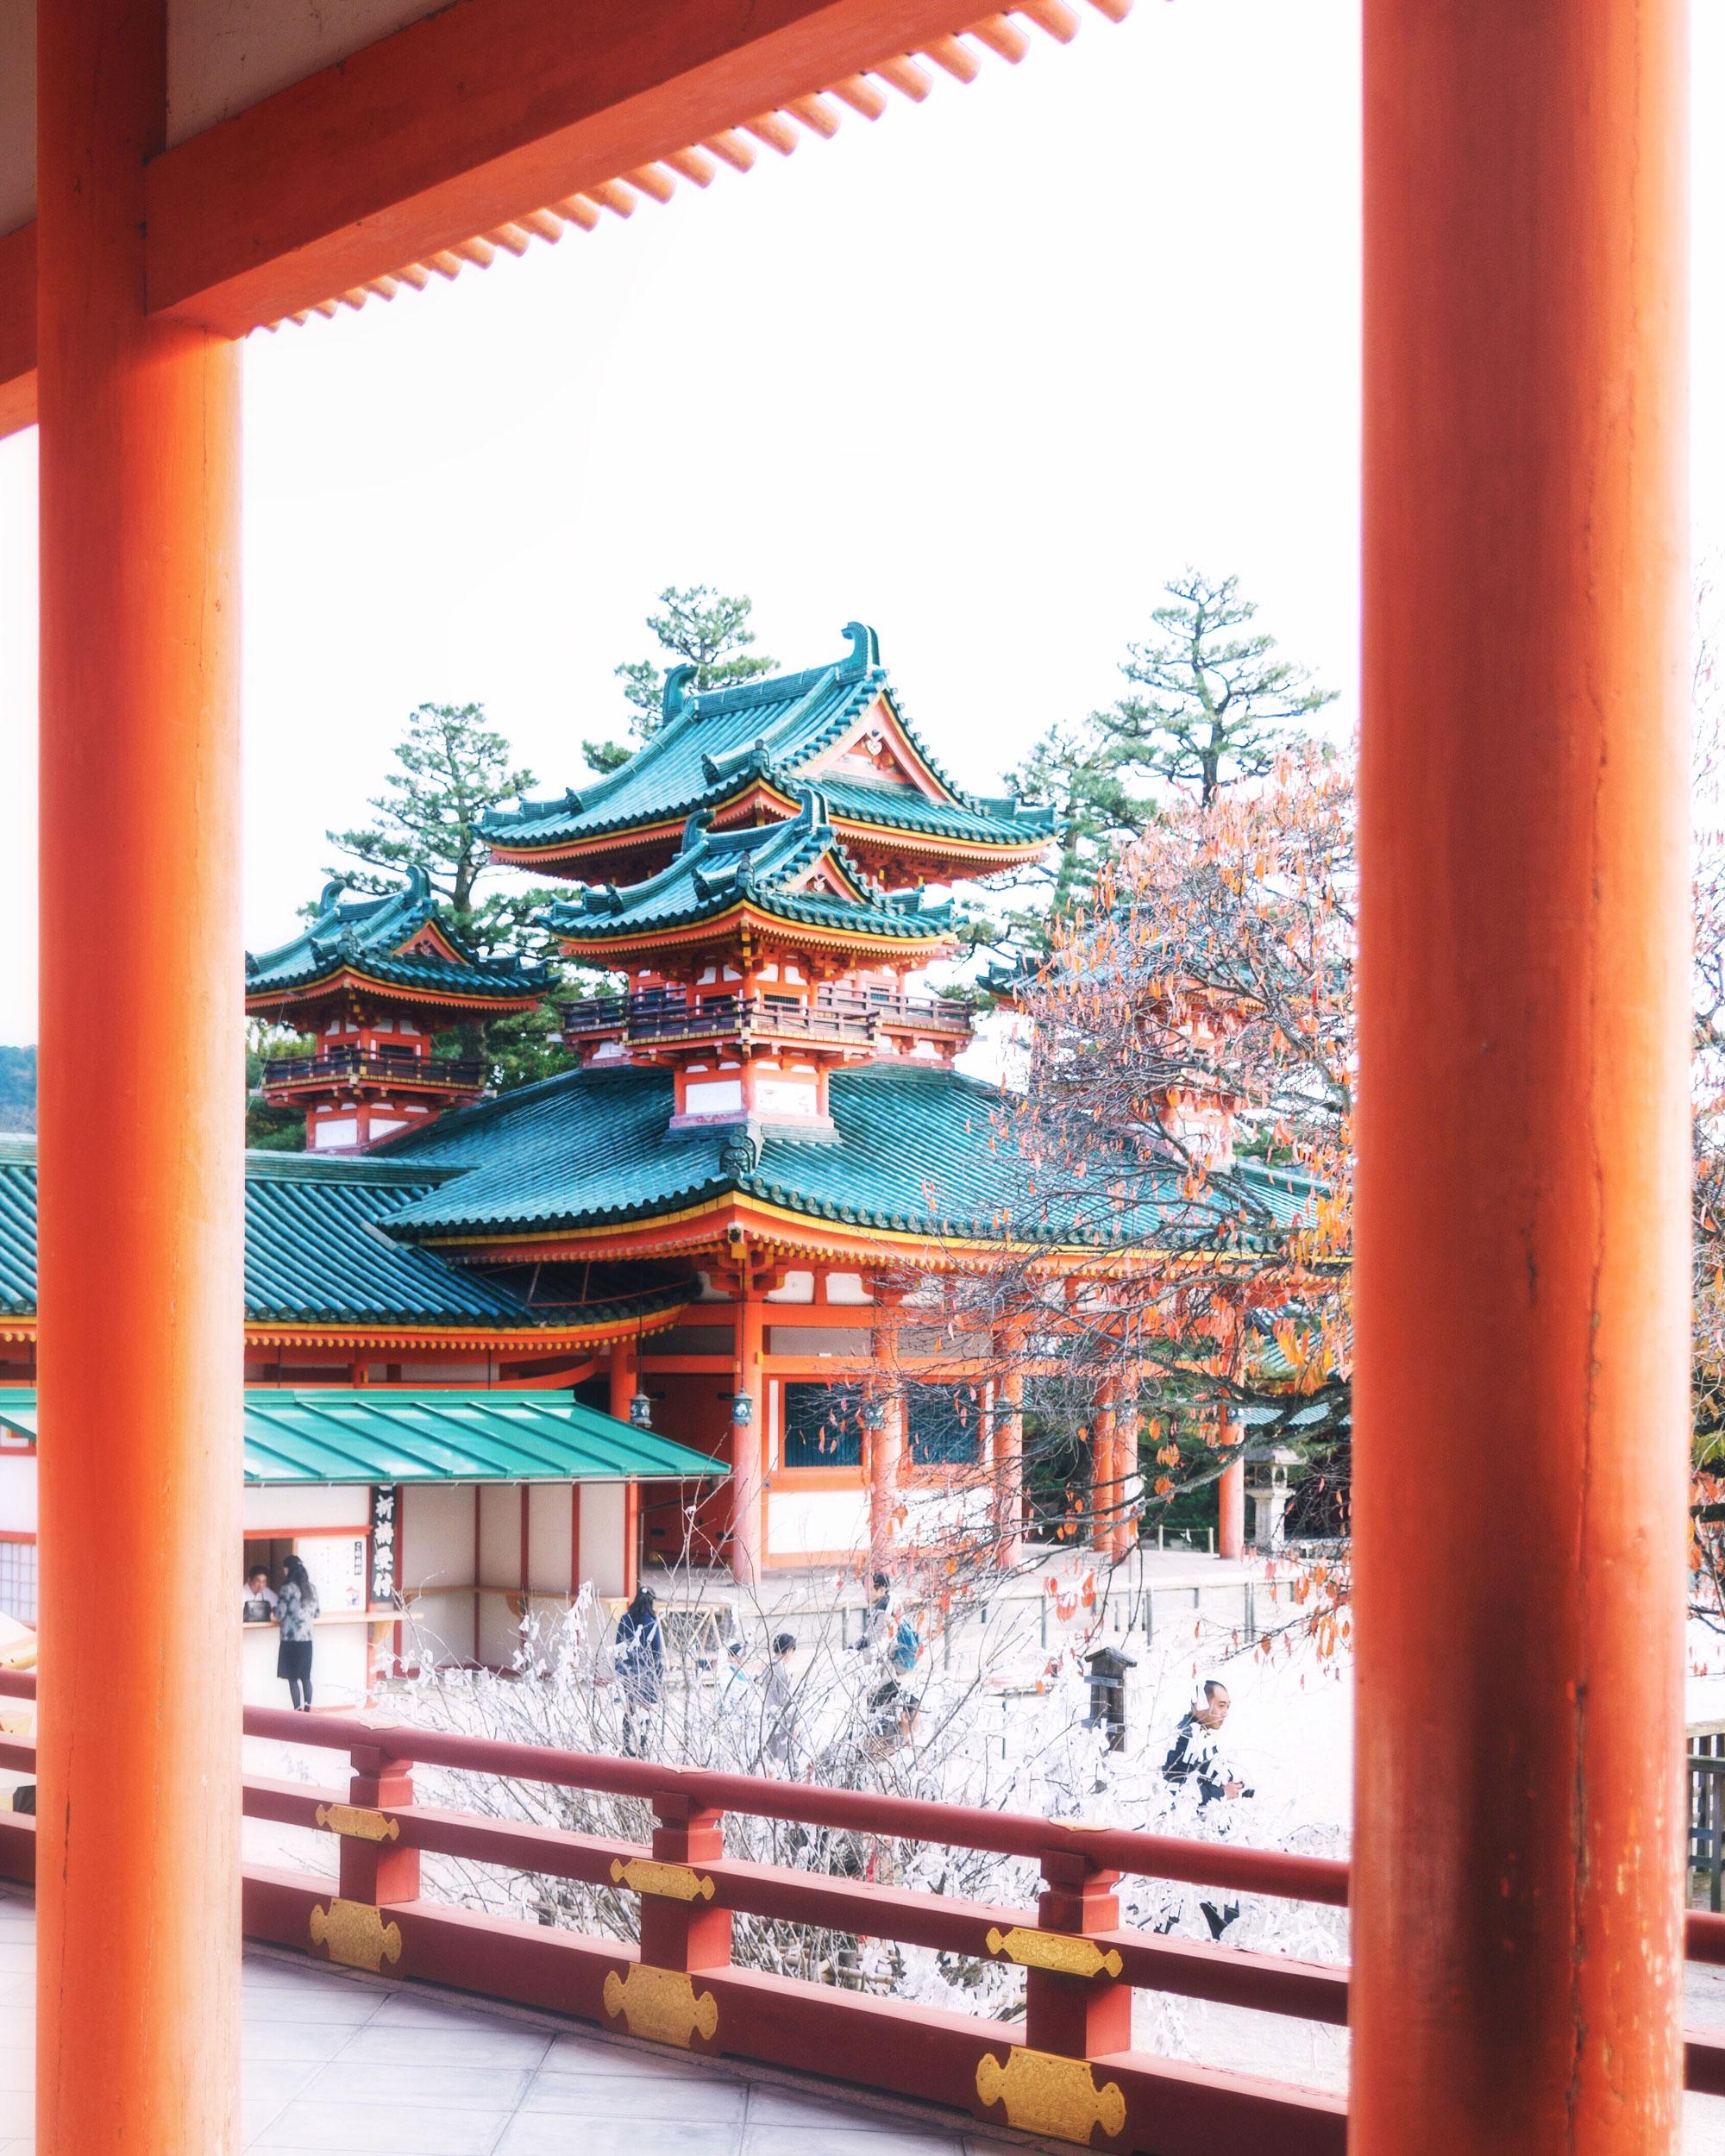 Heian shrine in Kyoto